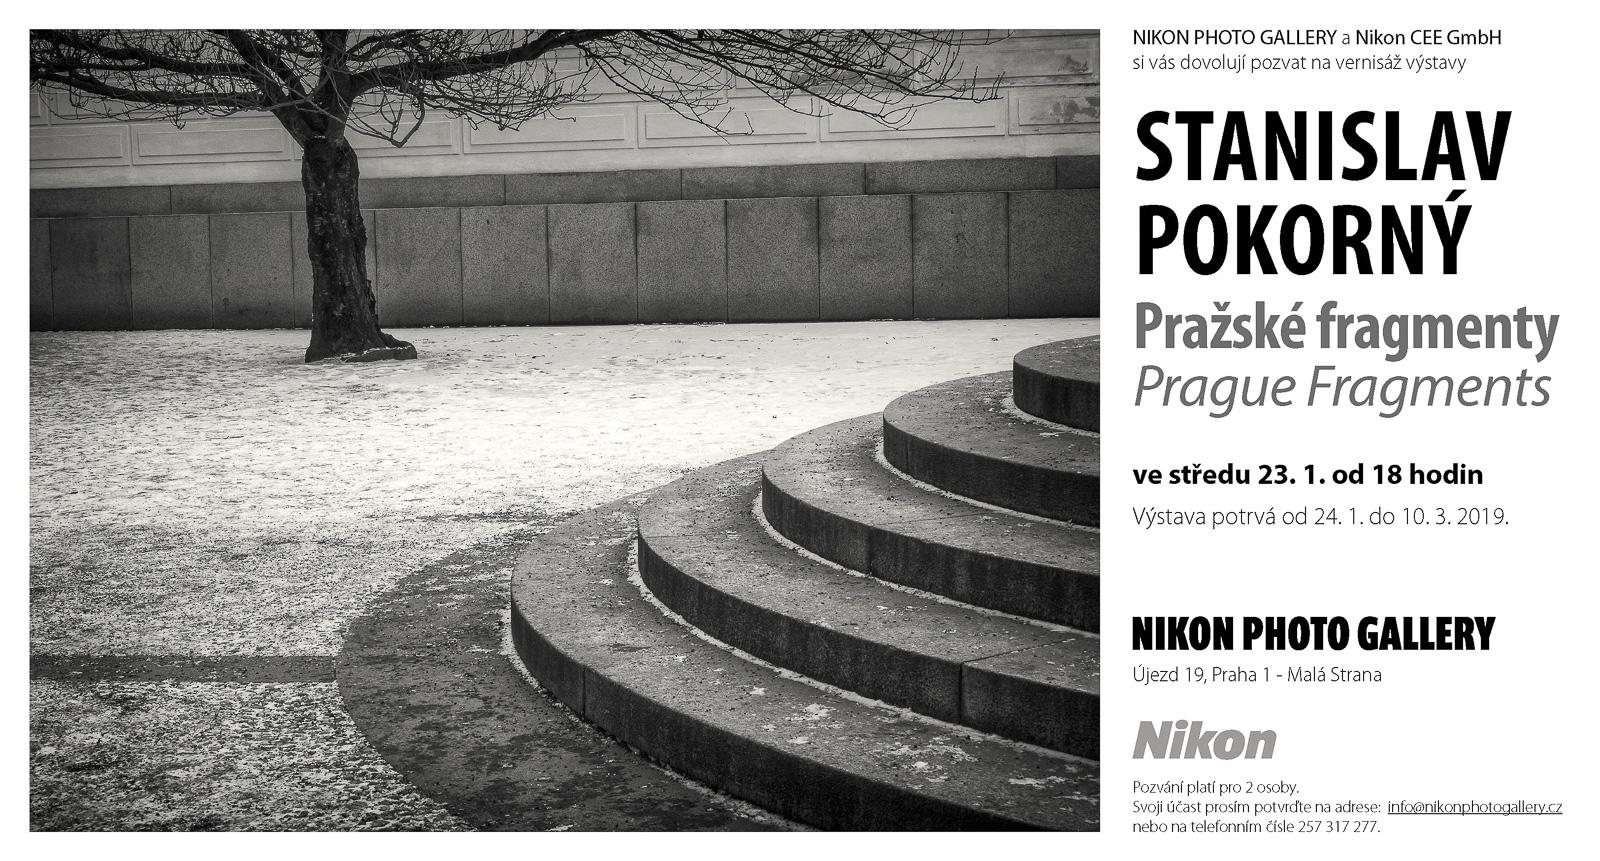 Stanislav Pokorný - Pražské fragmenty